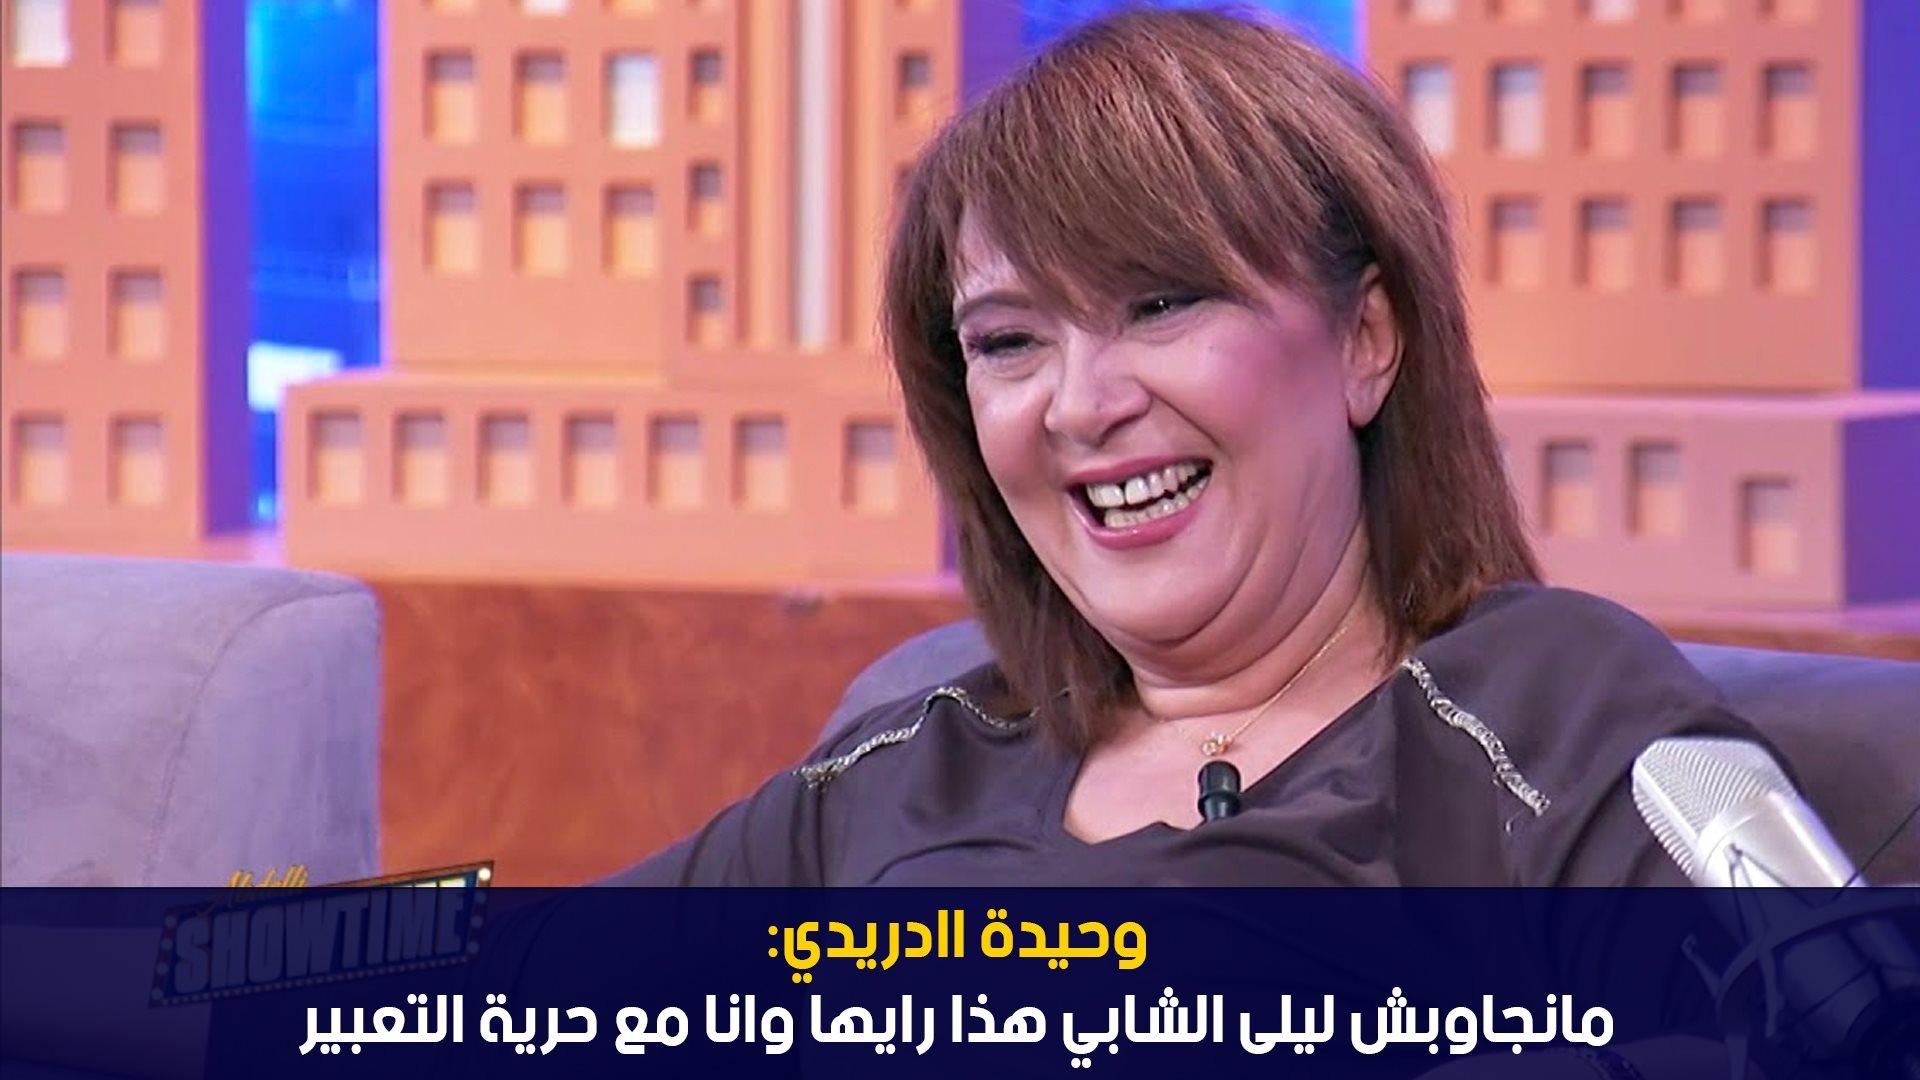 وحيدة الدريدي مانجاوبش ليلى الشابي هذا رايها وانا مع حرية التعبير